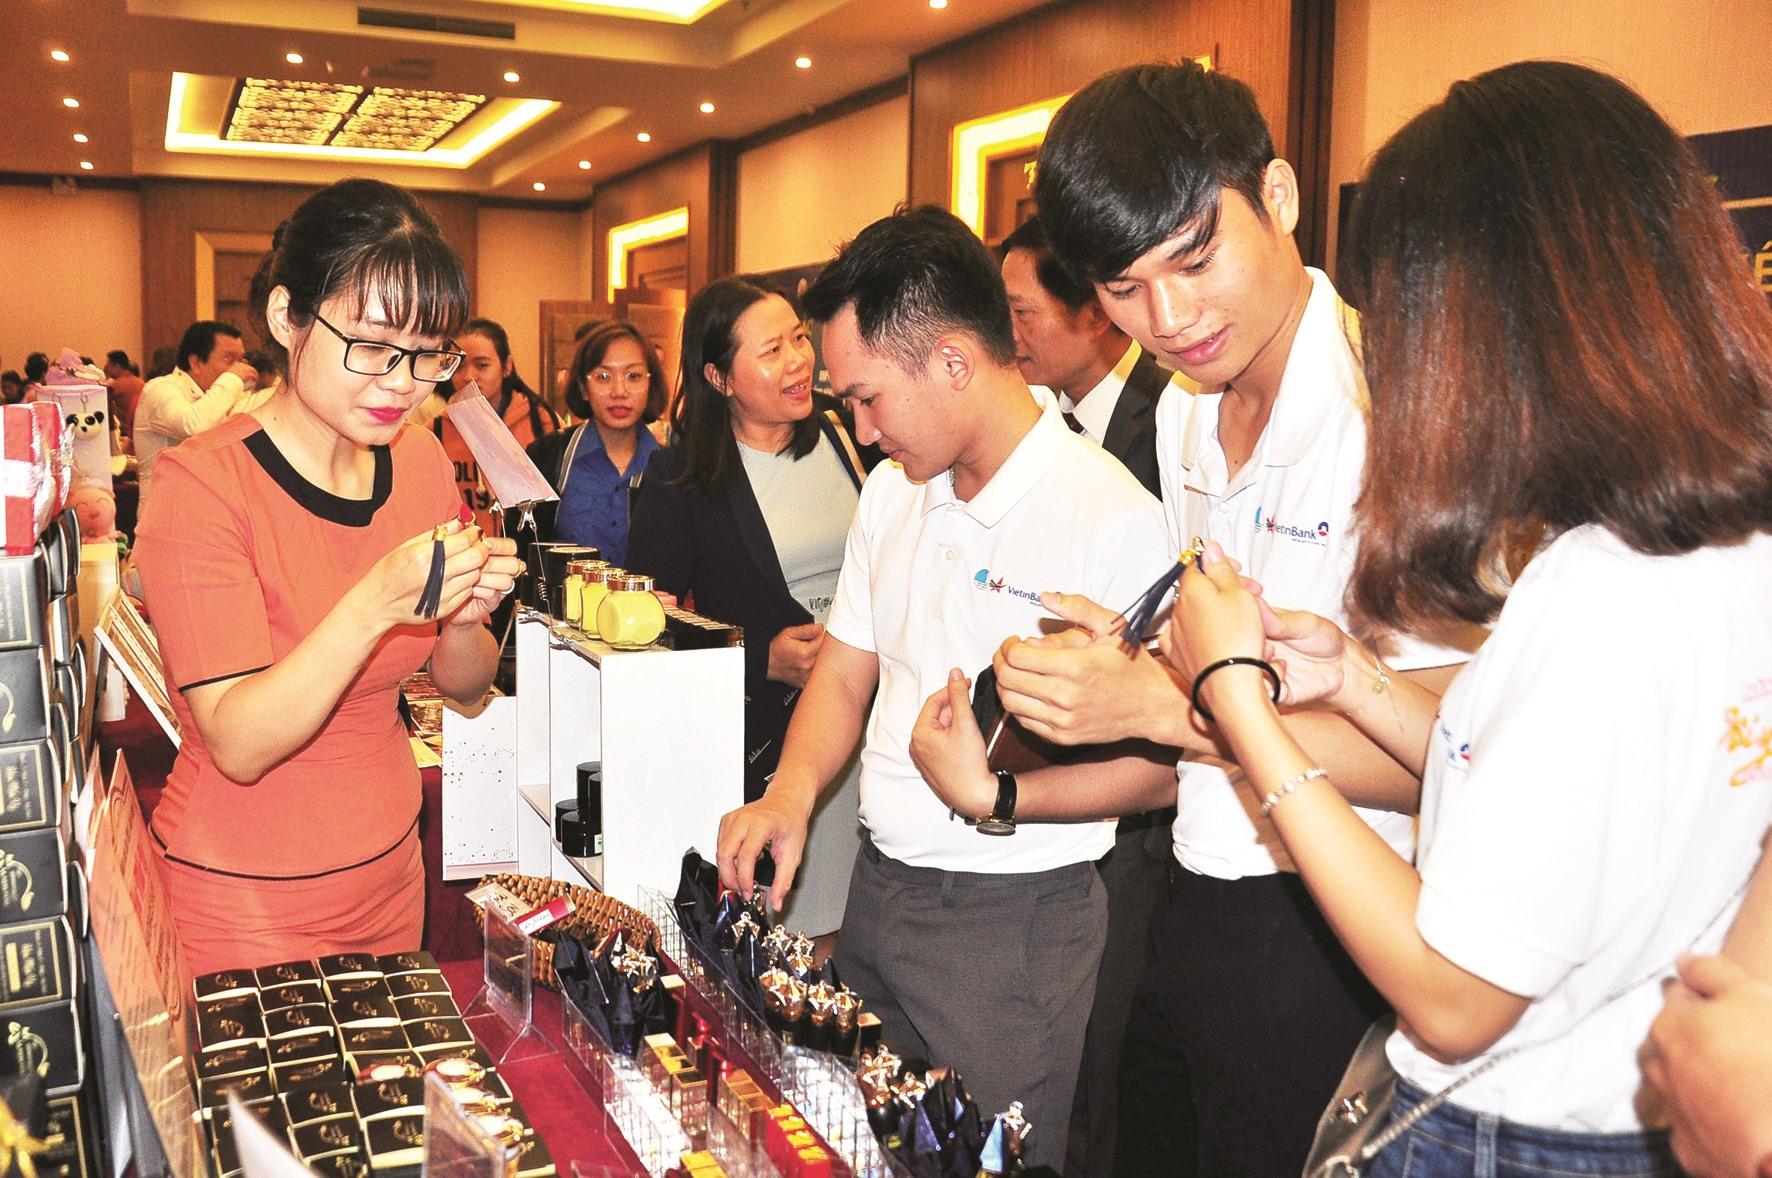 Sản phẩm khởi nghiệp của thanh niên Quảng Nam tham gia trưng bày tại Ngày hội khởi nghiệp Quảng Nam năm 2019. Ảnh: VINH ANH